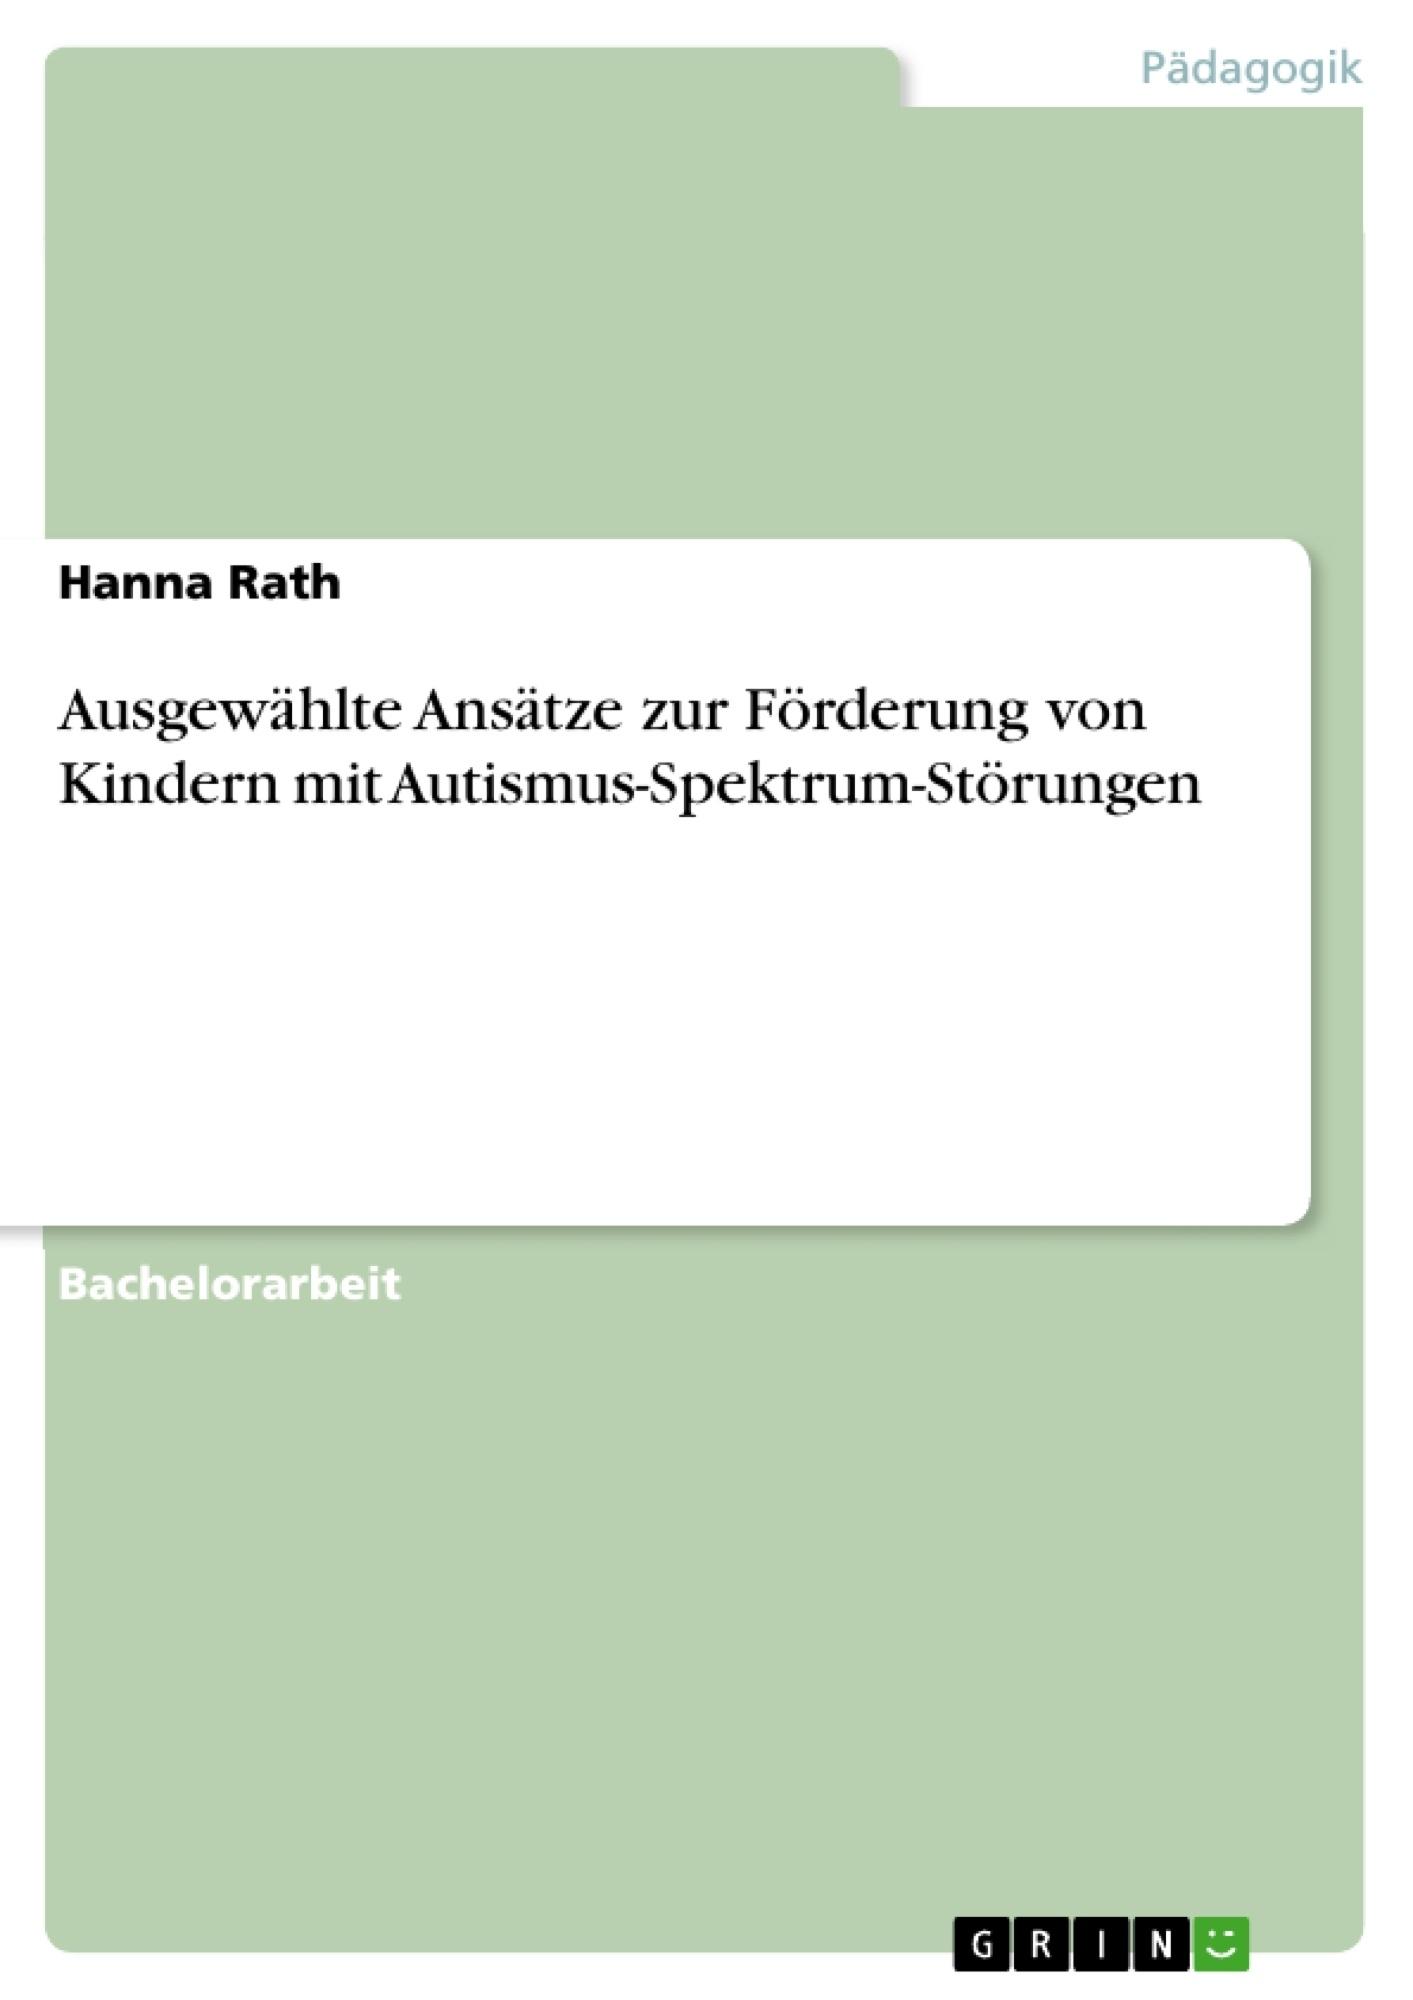 Titel: Ausgewählte Ansätze zur Förderung von Kindern mit Autismus-Spektrum-Störungen